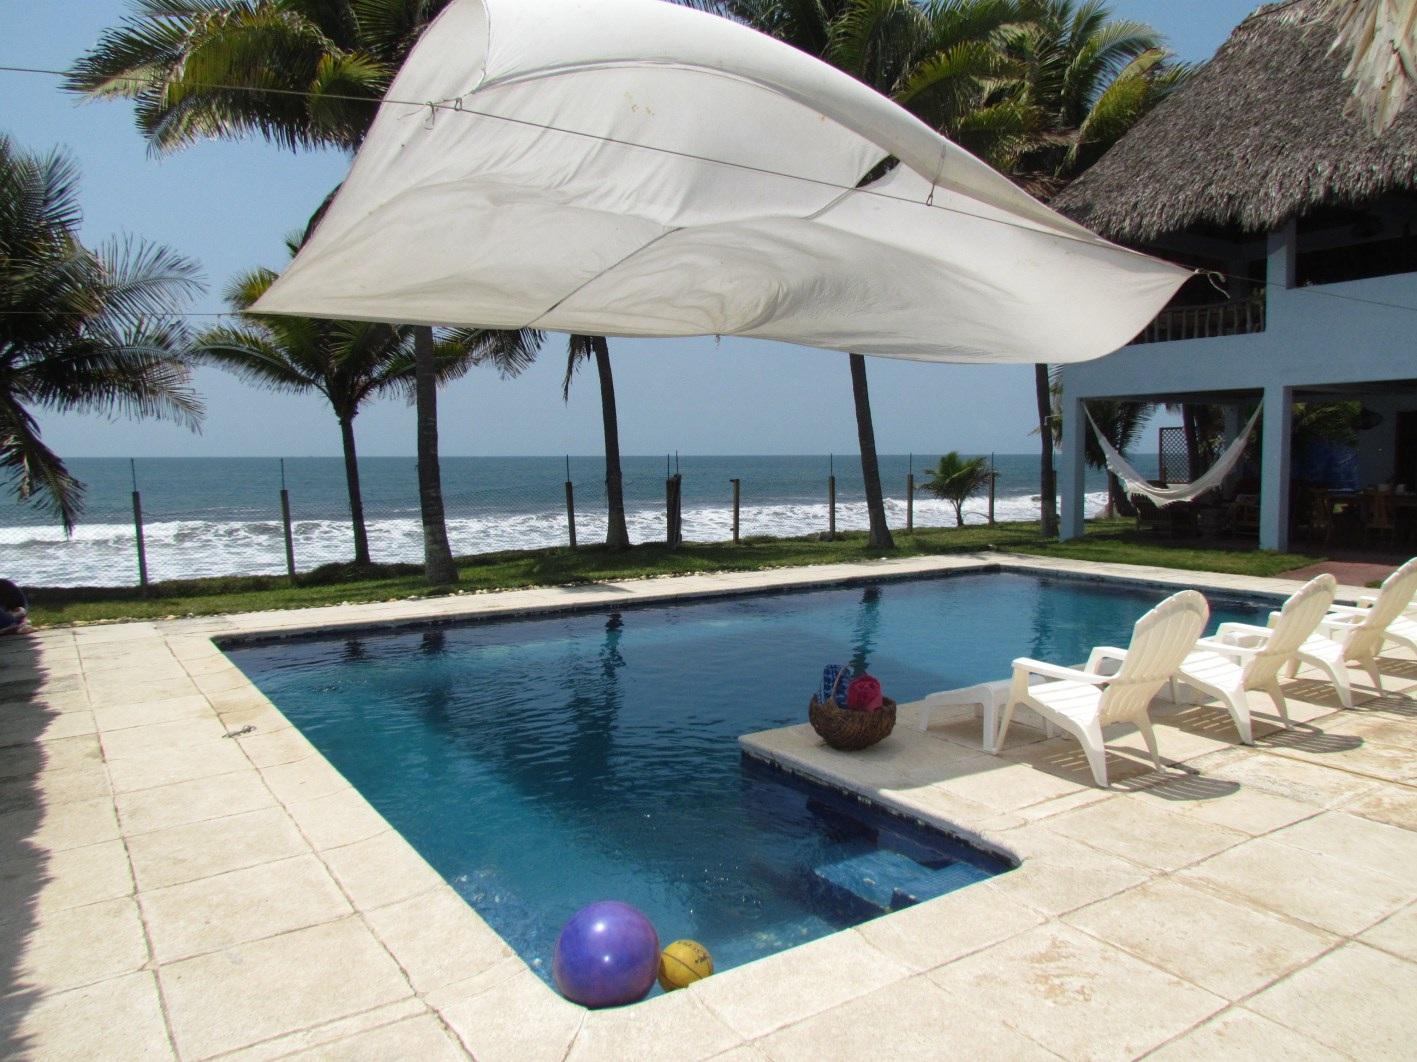 Frente al mar vendo casa ganga US$115,000.00